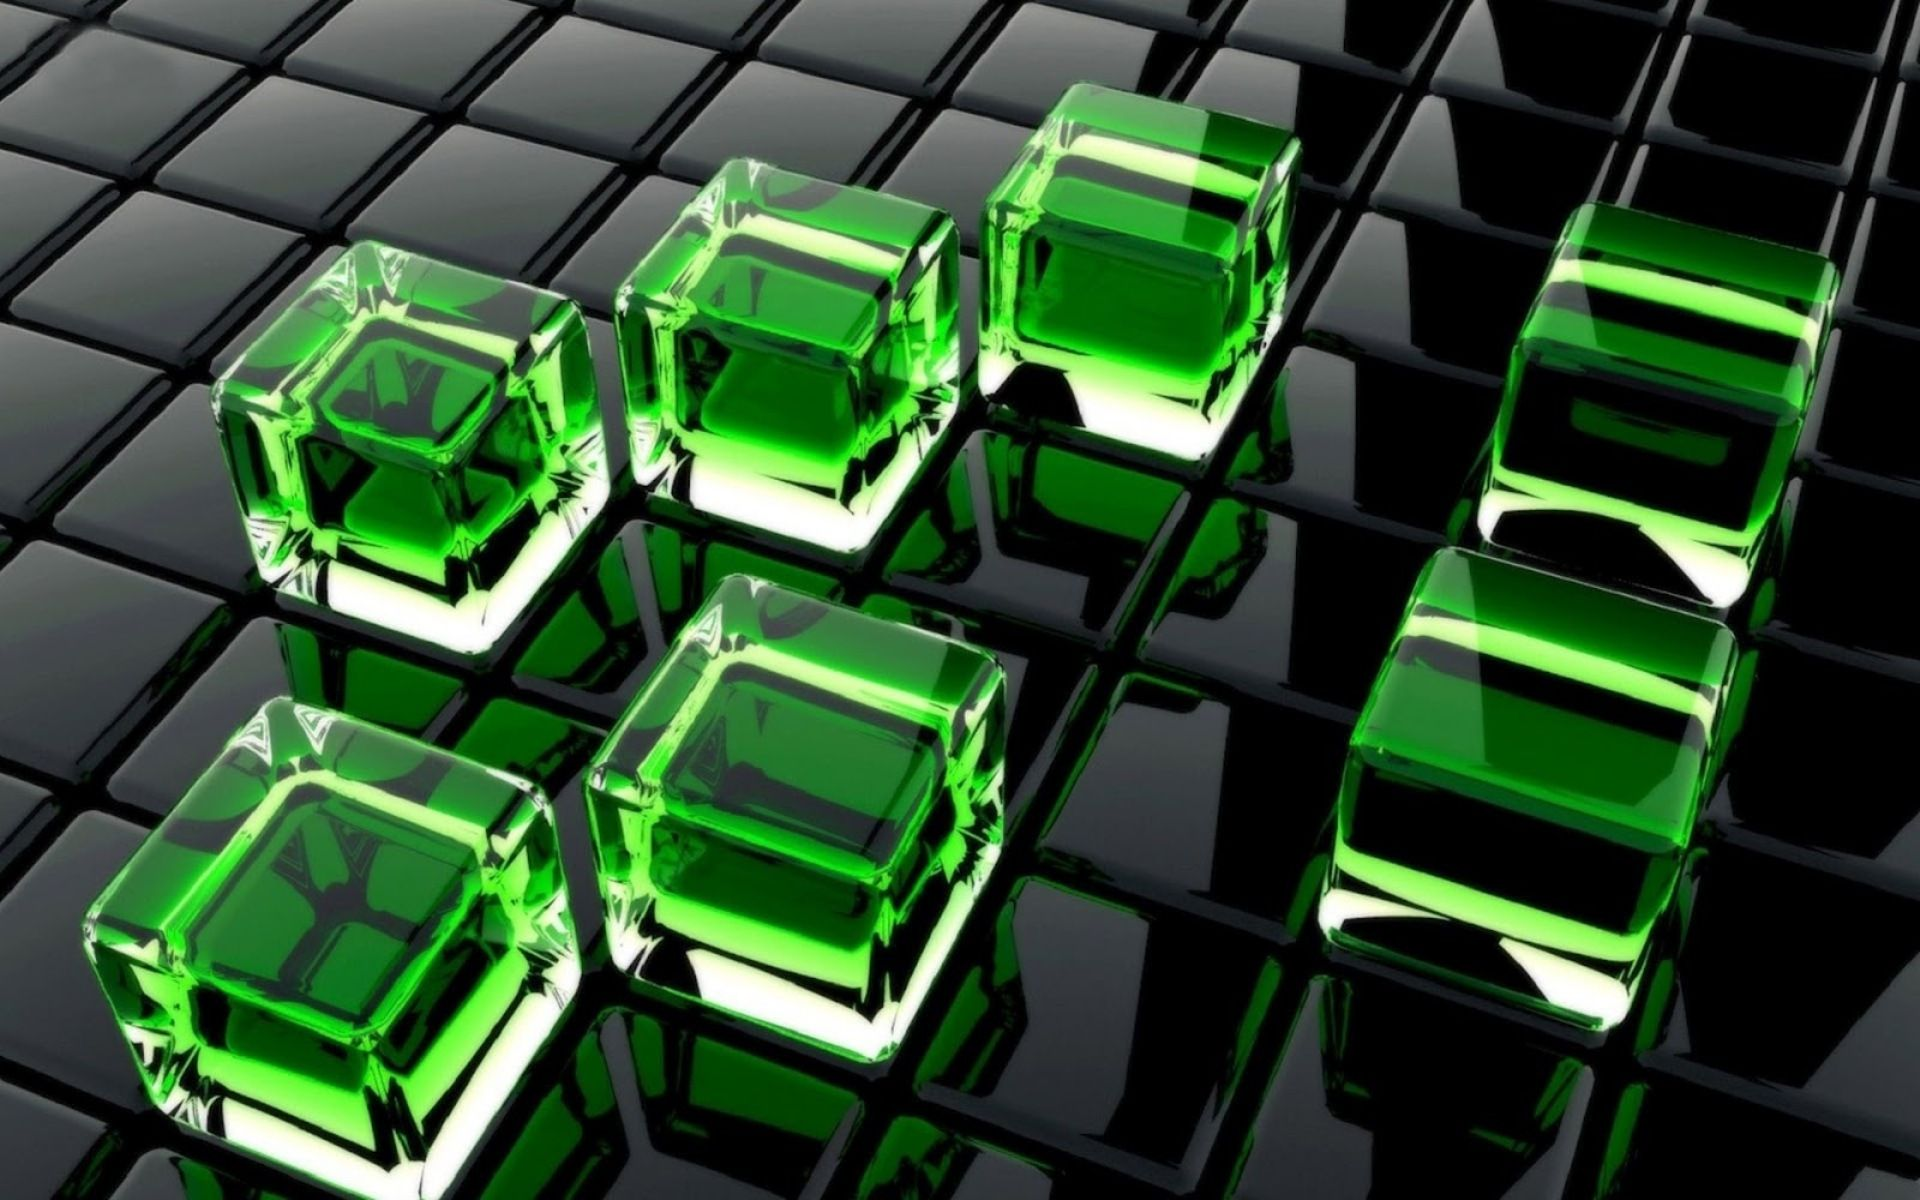 3d Glass Cubes Hd Wallpaper 3d Cube Wallpaper Tree Line Wallpaper Nature Iphone Wallpaper 3d glass hd wallpapers